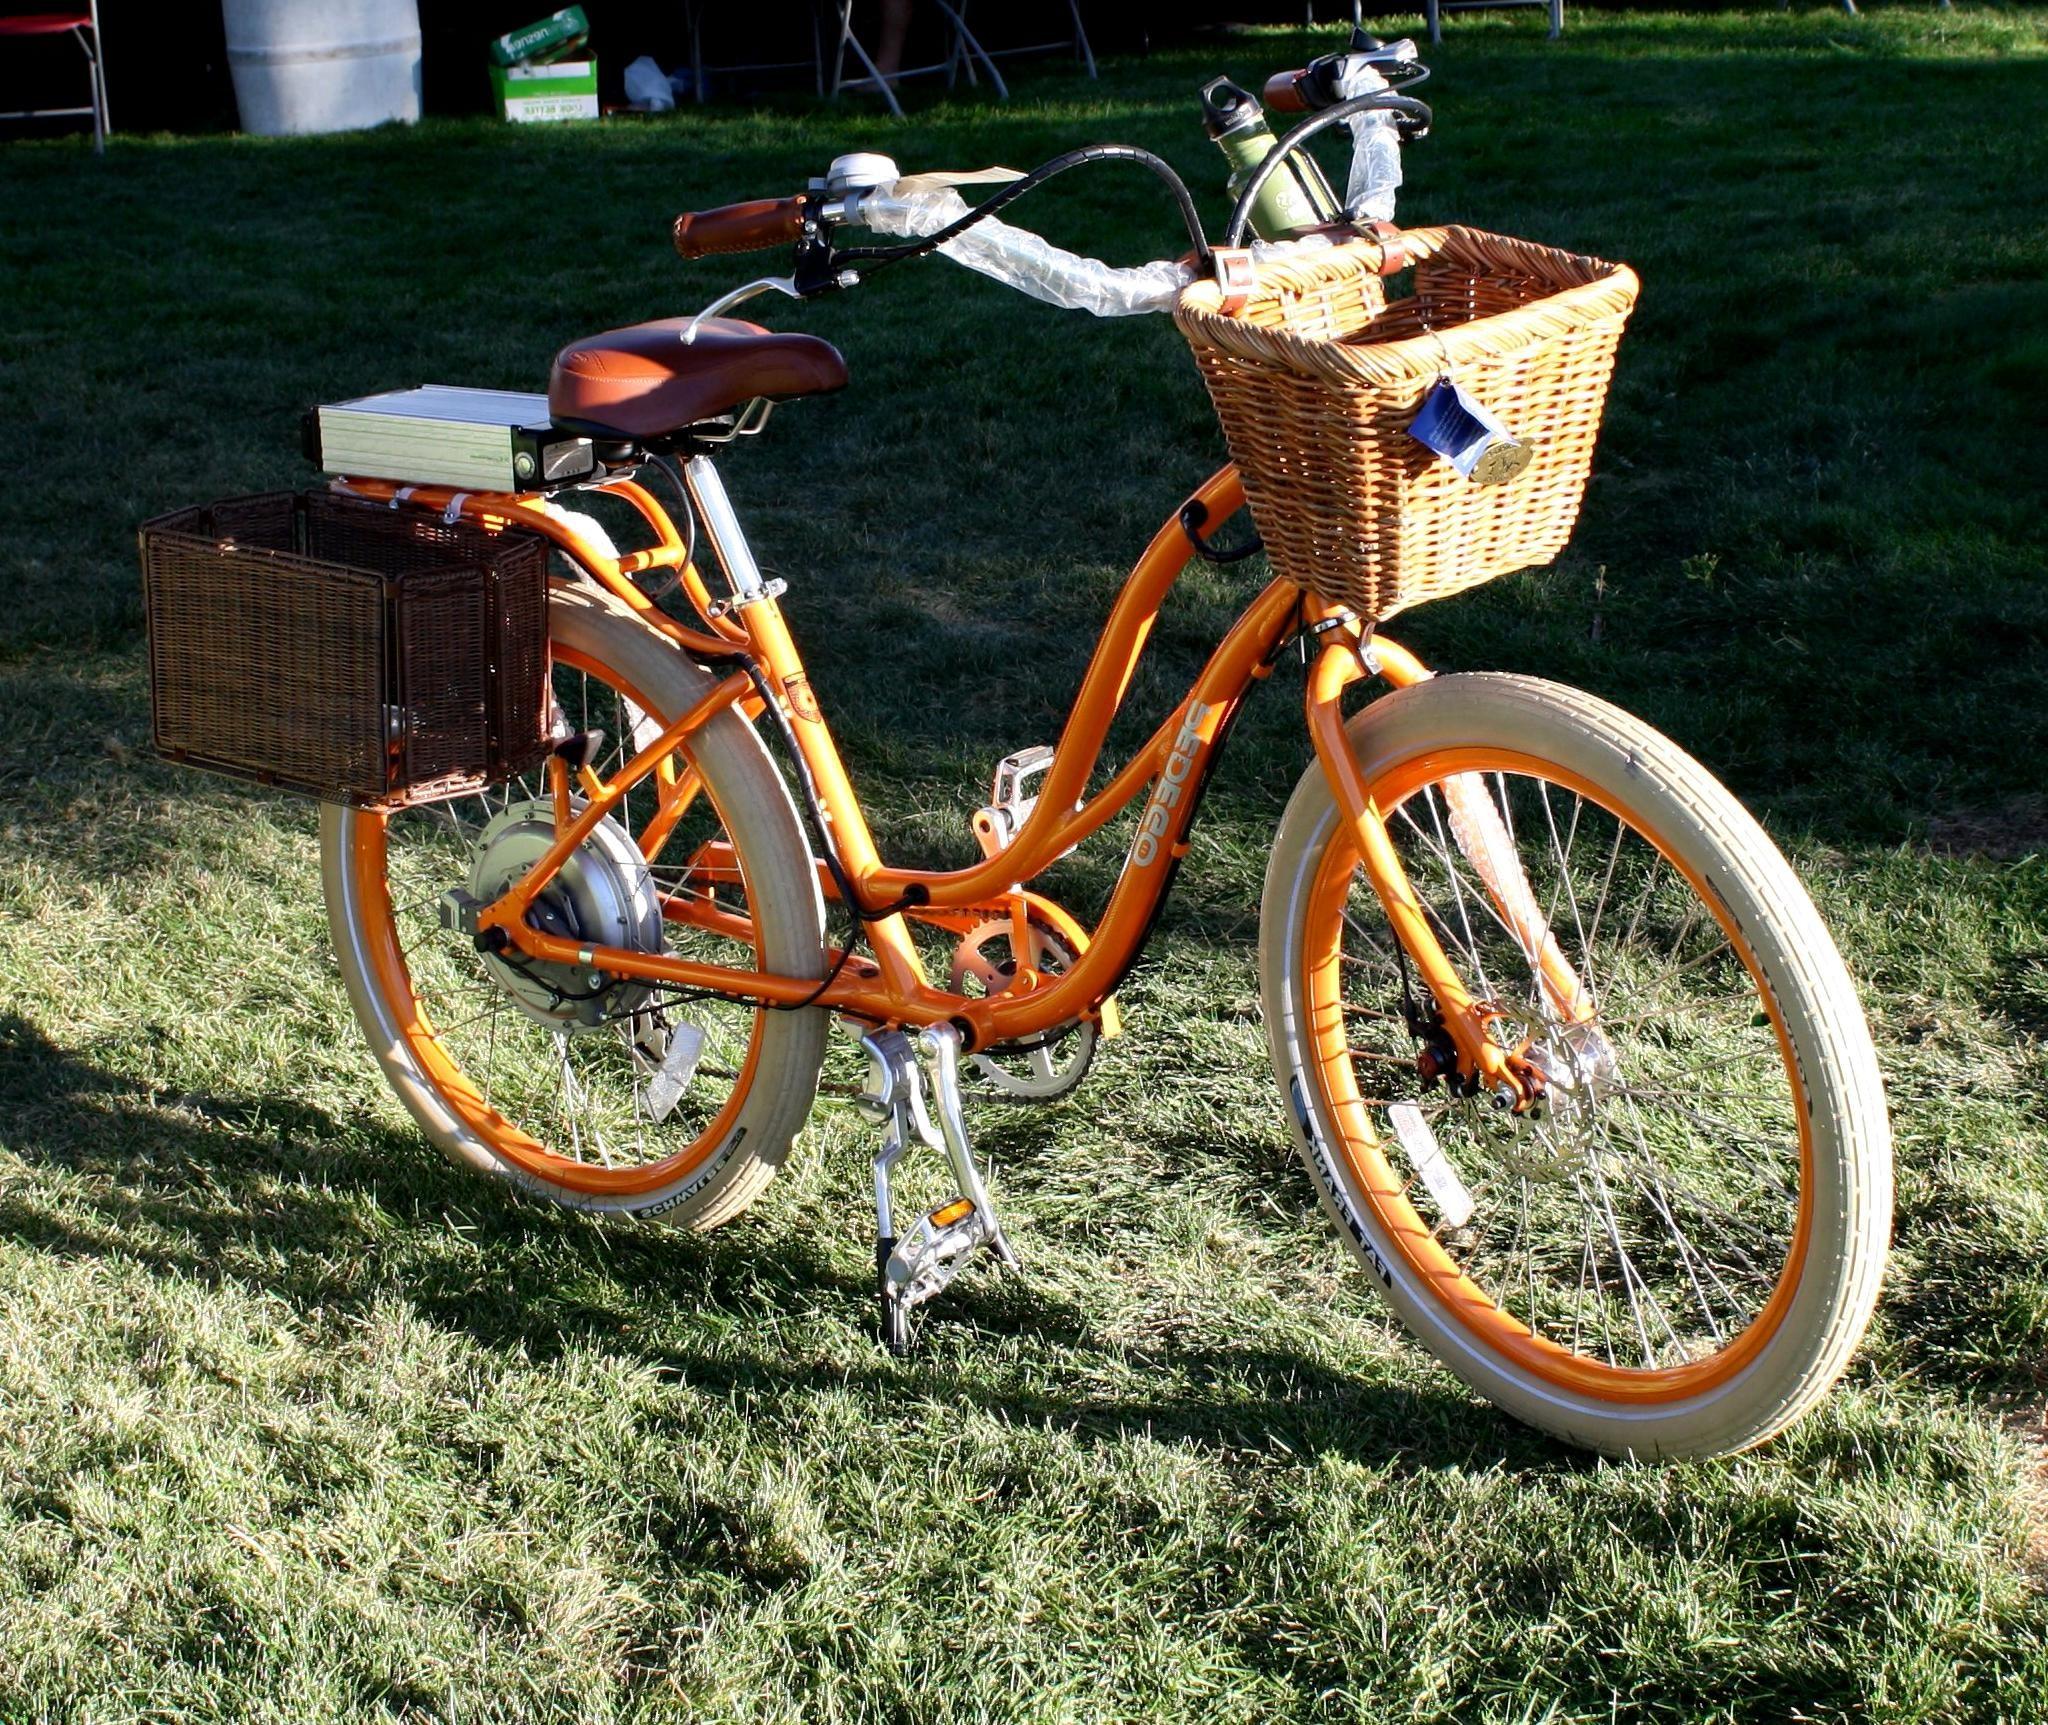 Kostenlose Bild: weibliche Fahrrad, orange Fahrrad, Hinterhof